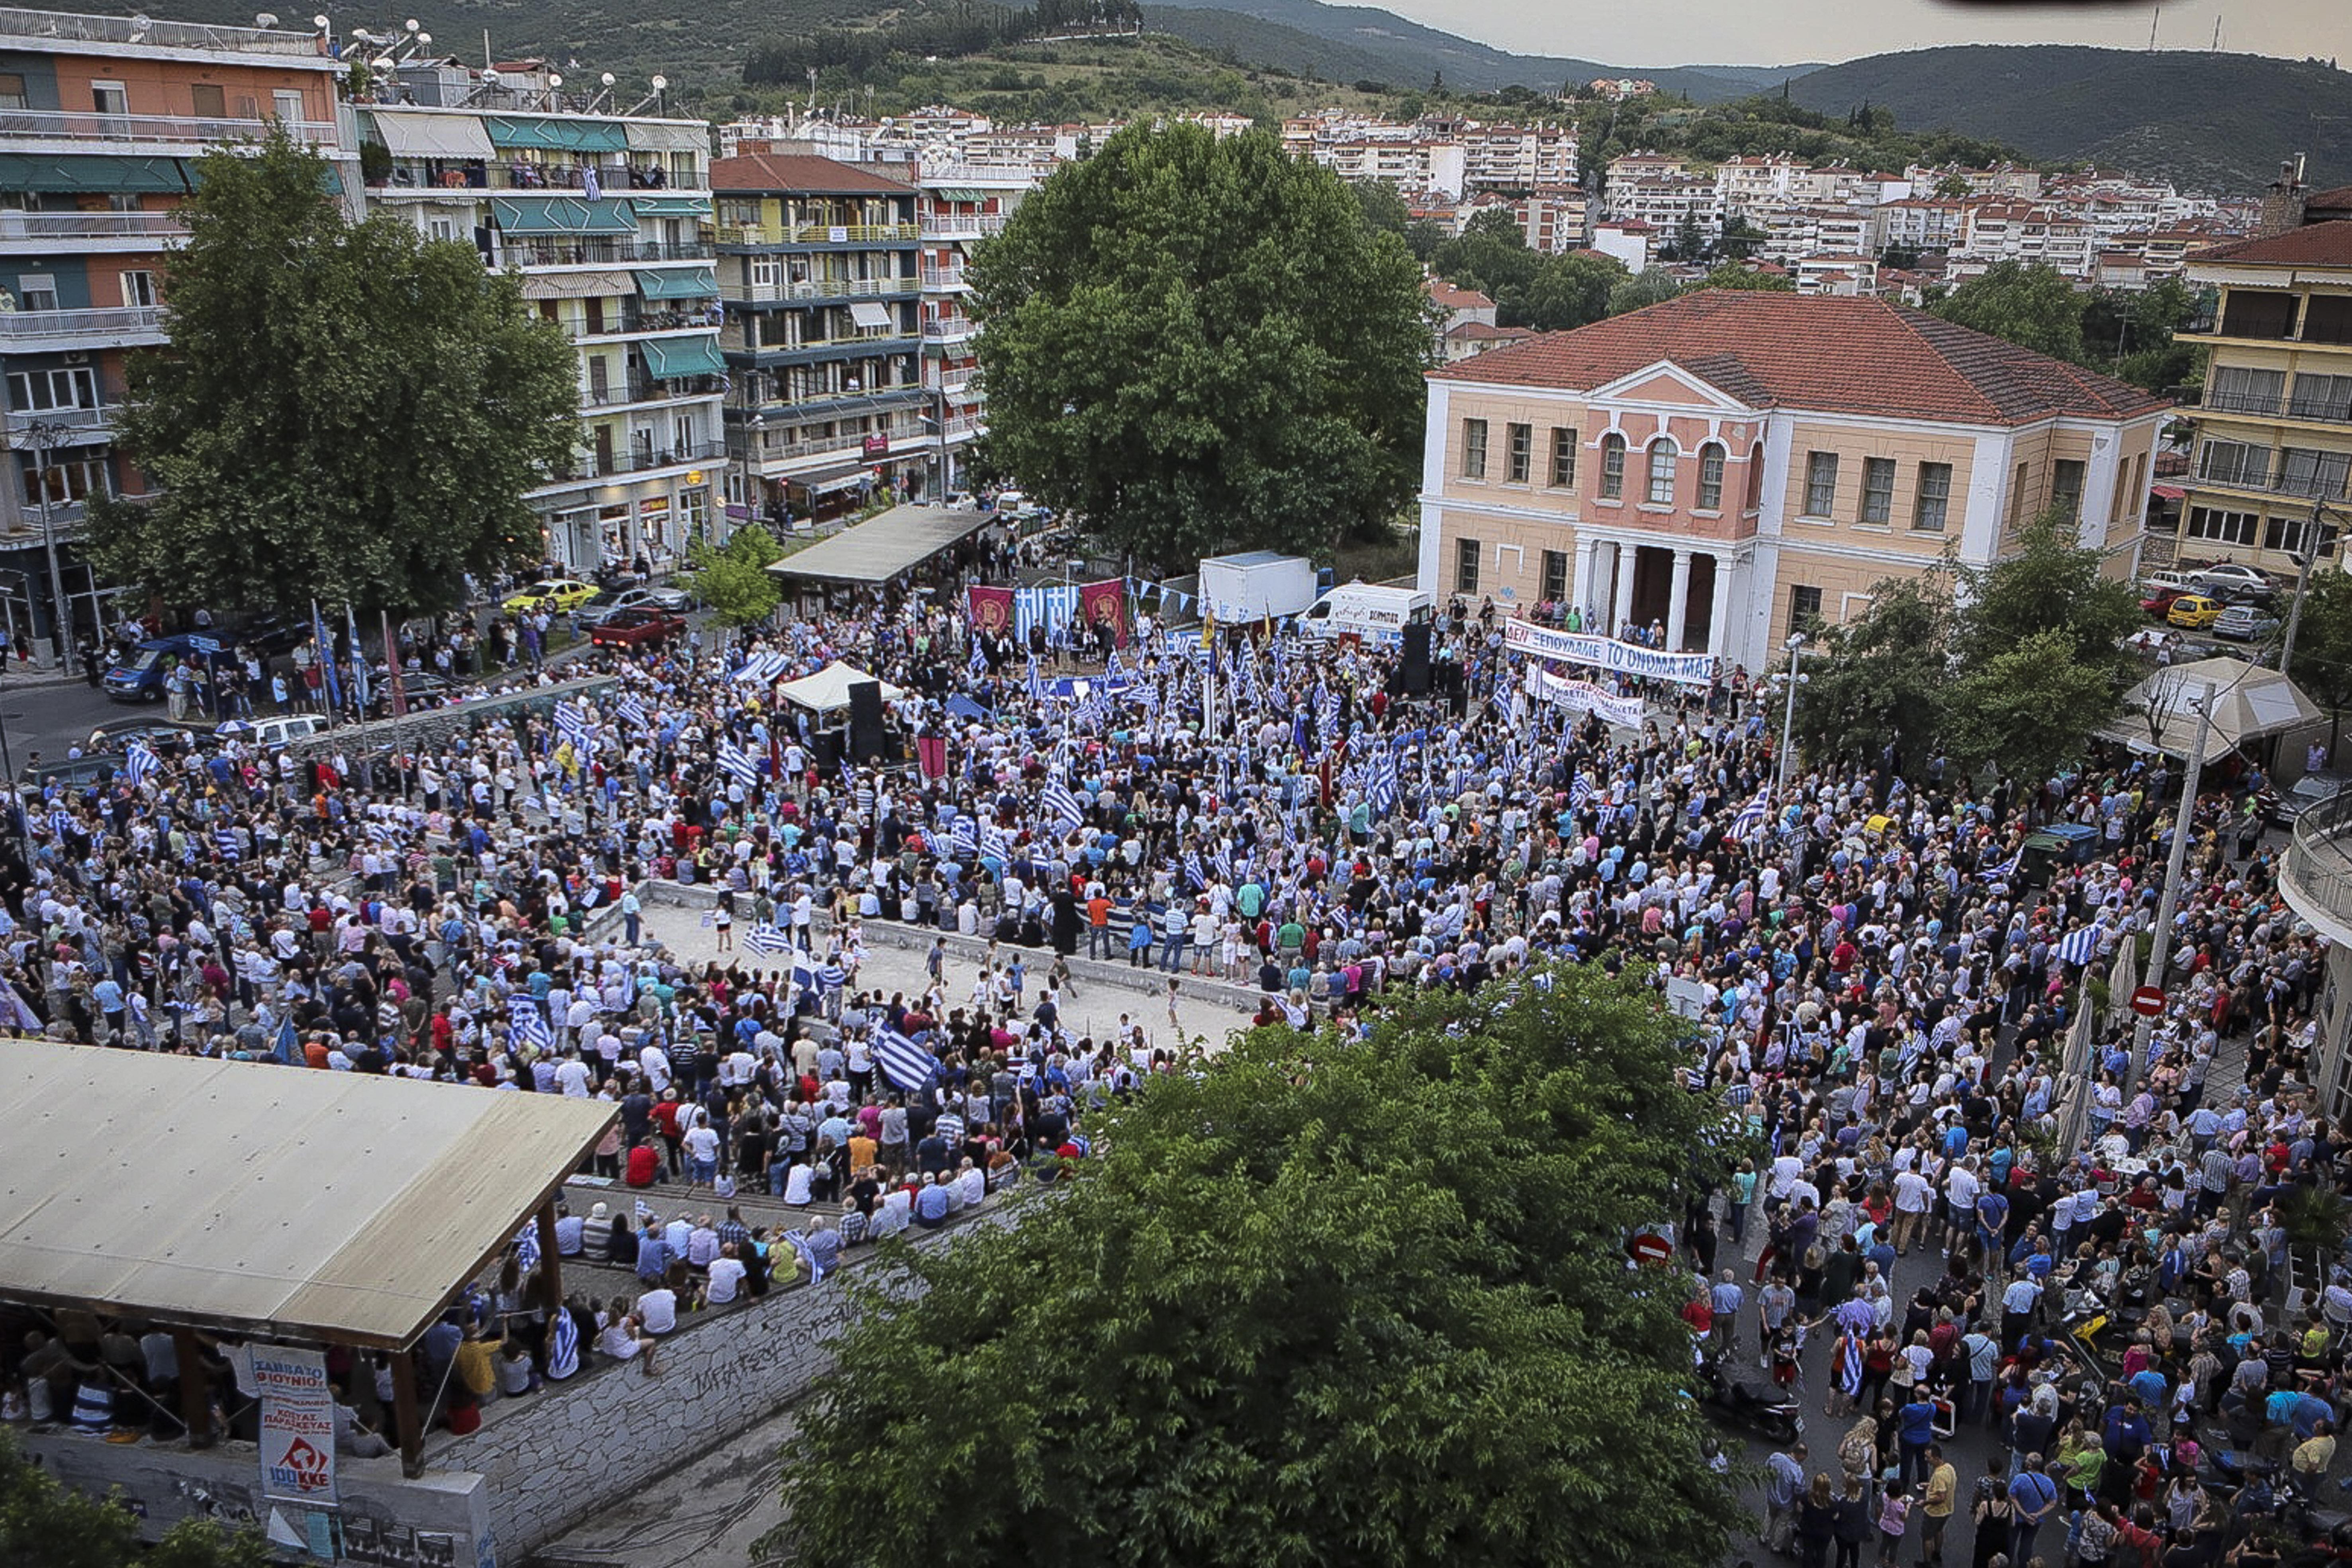 chiliades-diadilosan-gia-ti-makedonia-se-23-poleis-tis-choras-fotografies-amp-8211-vinteo15